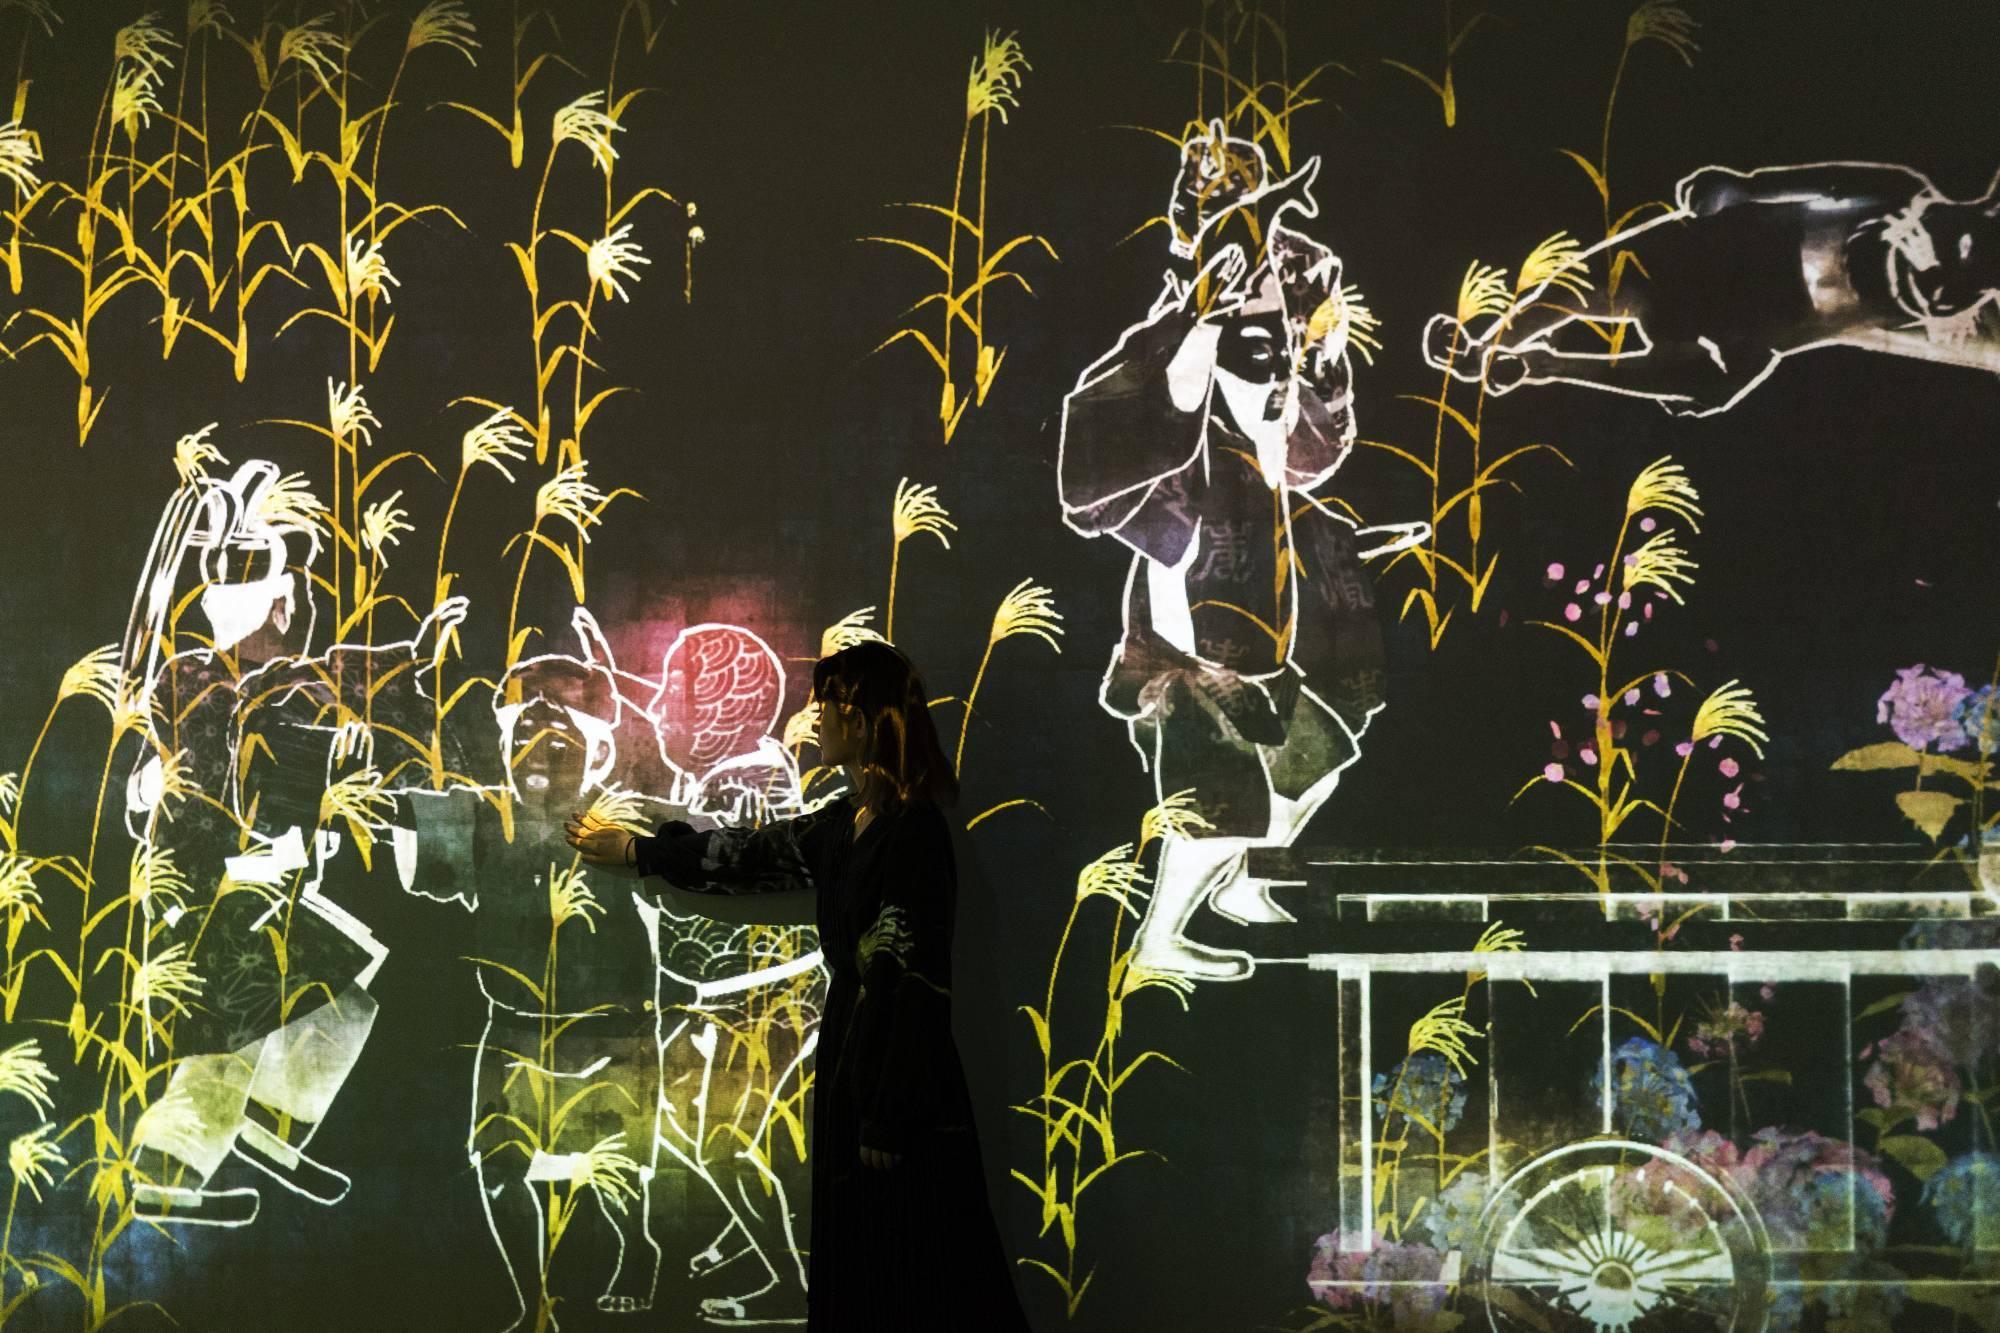 Токио Другая реальность: первый в мире Музей цифровых искусств в Токио 13603